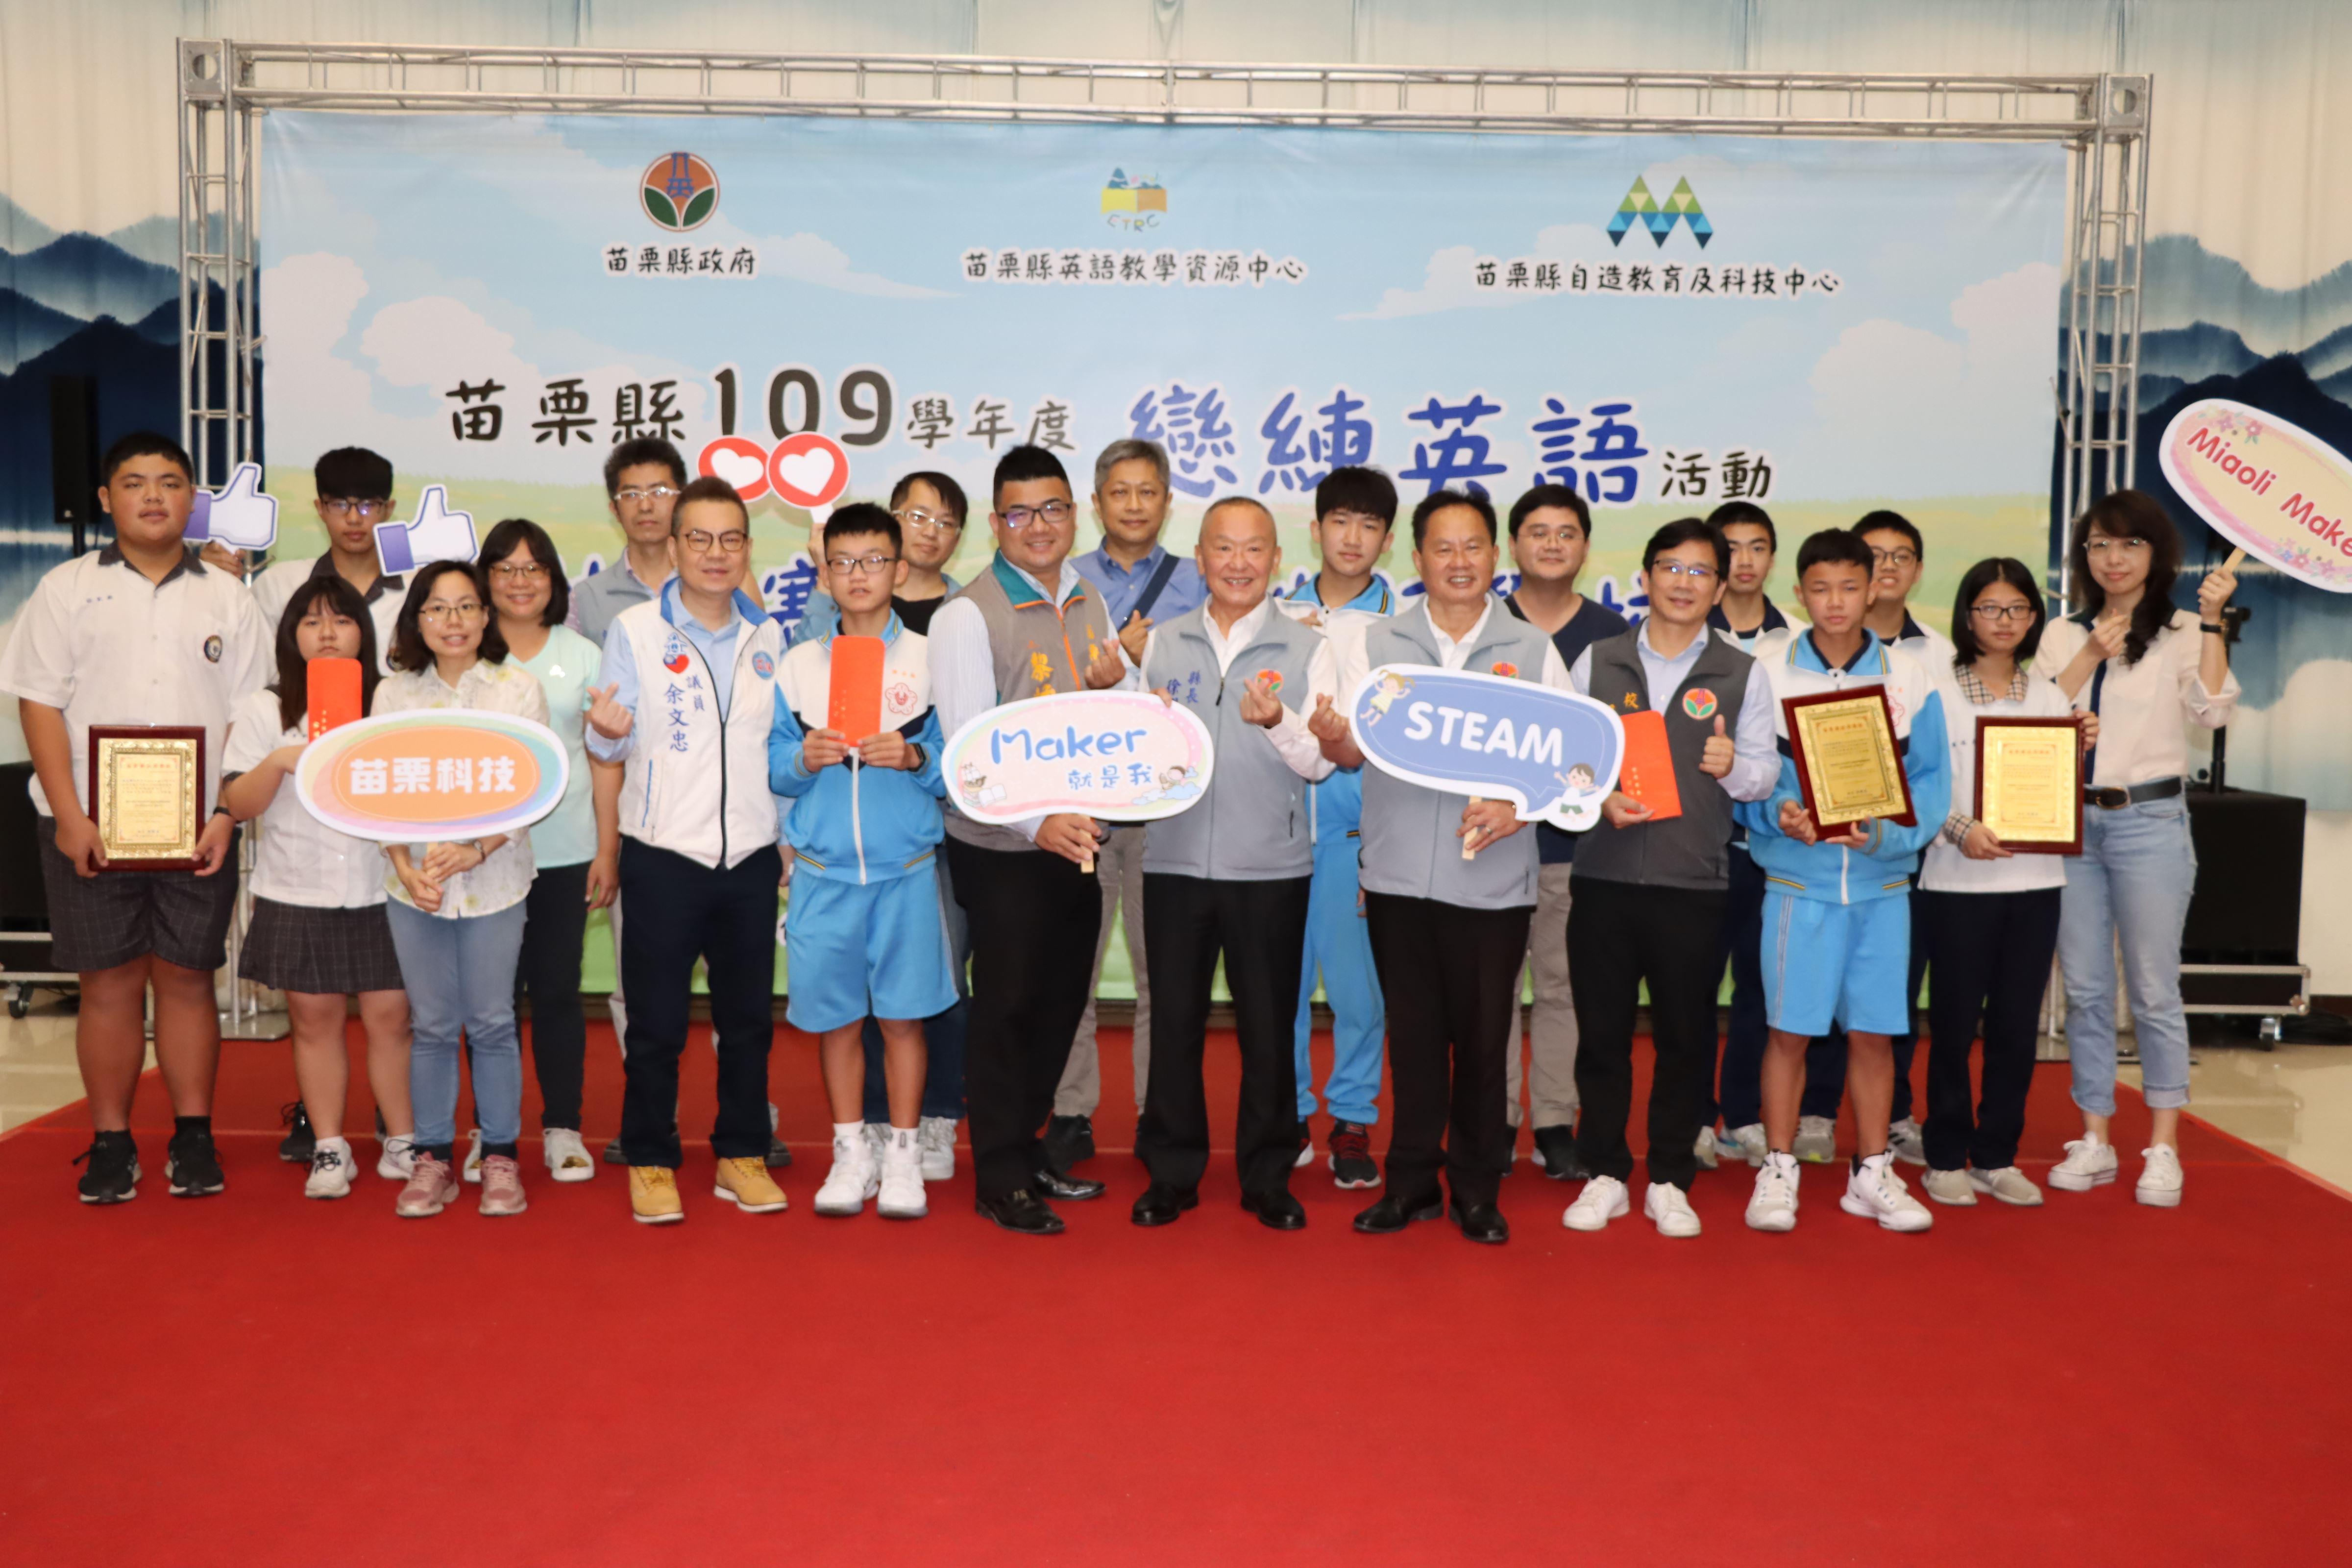 5縣府-表揚生活科技創作競賽任務挑戰組績優學生IMG_7009.JPG